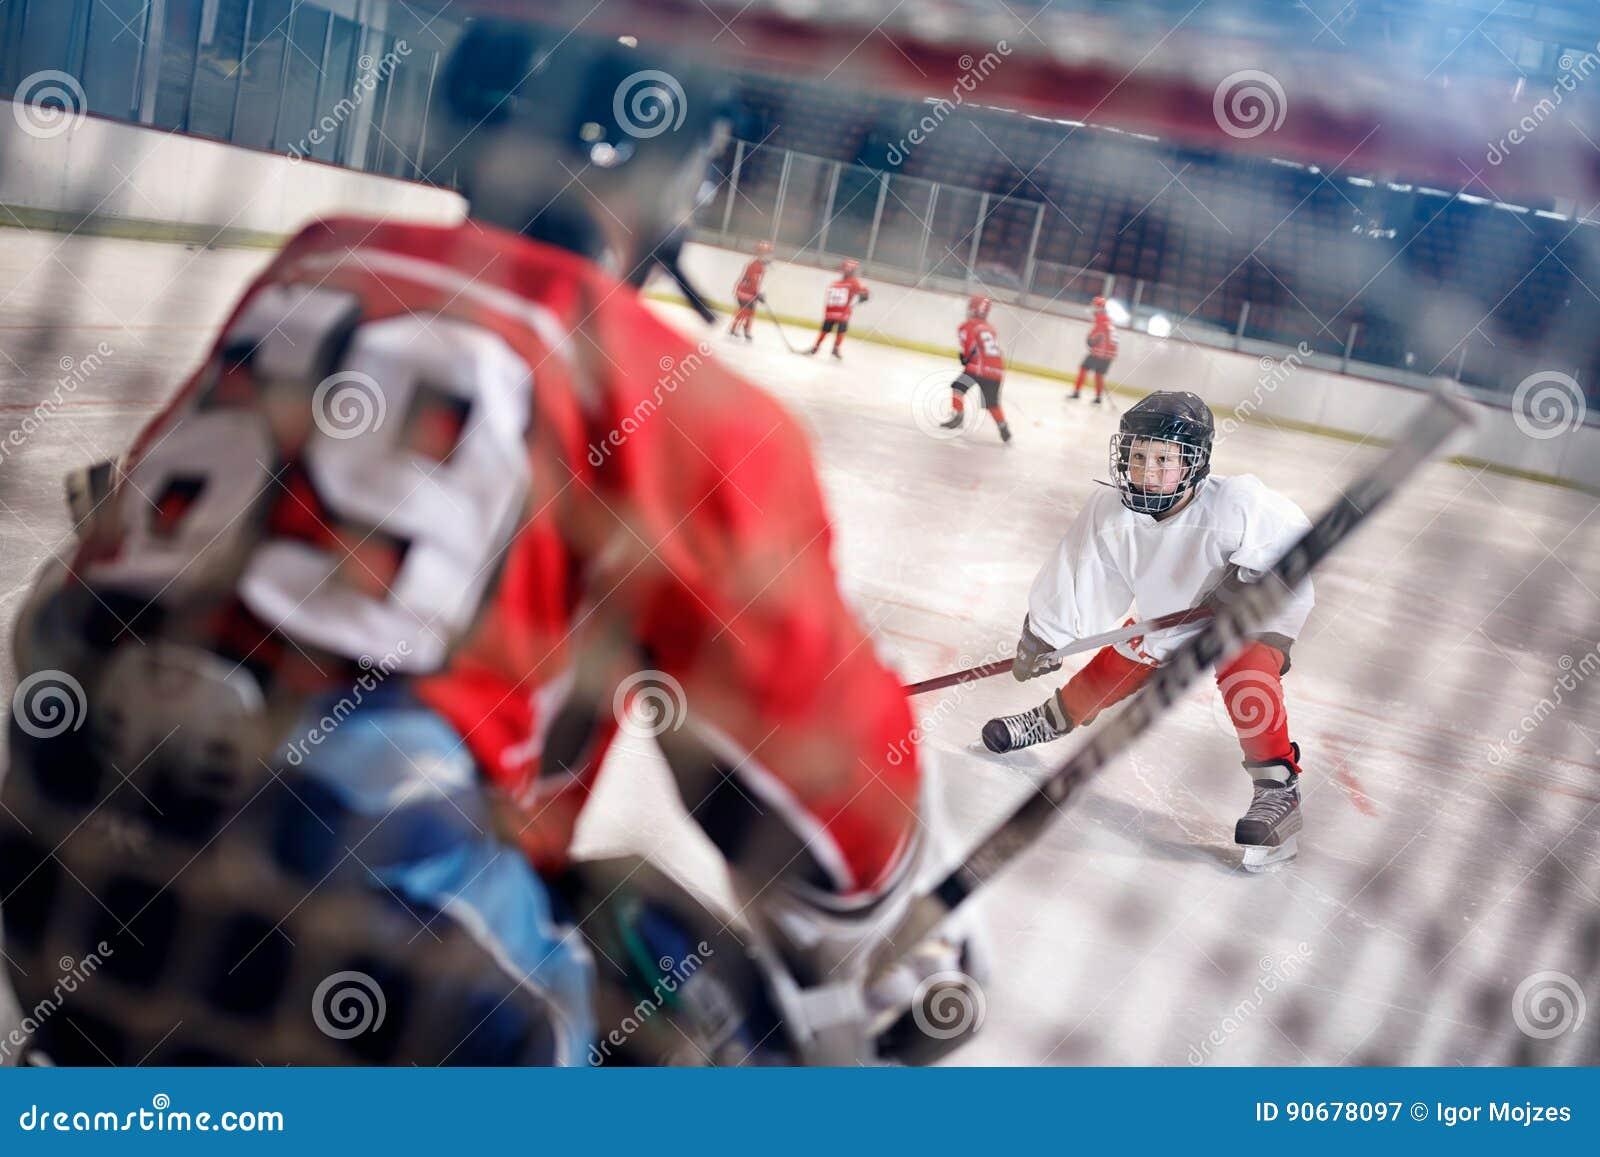 在溜冰场球员的曲棍球比赛攻击守门员